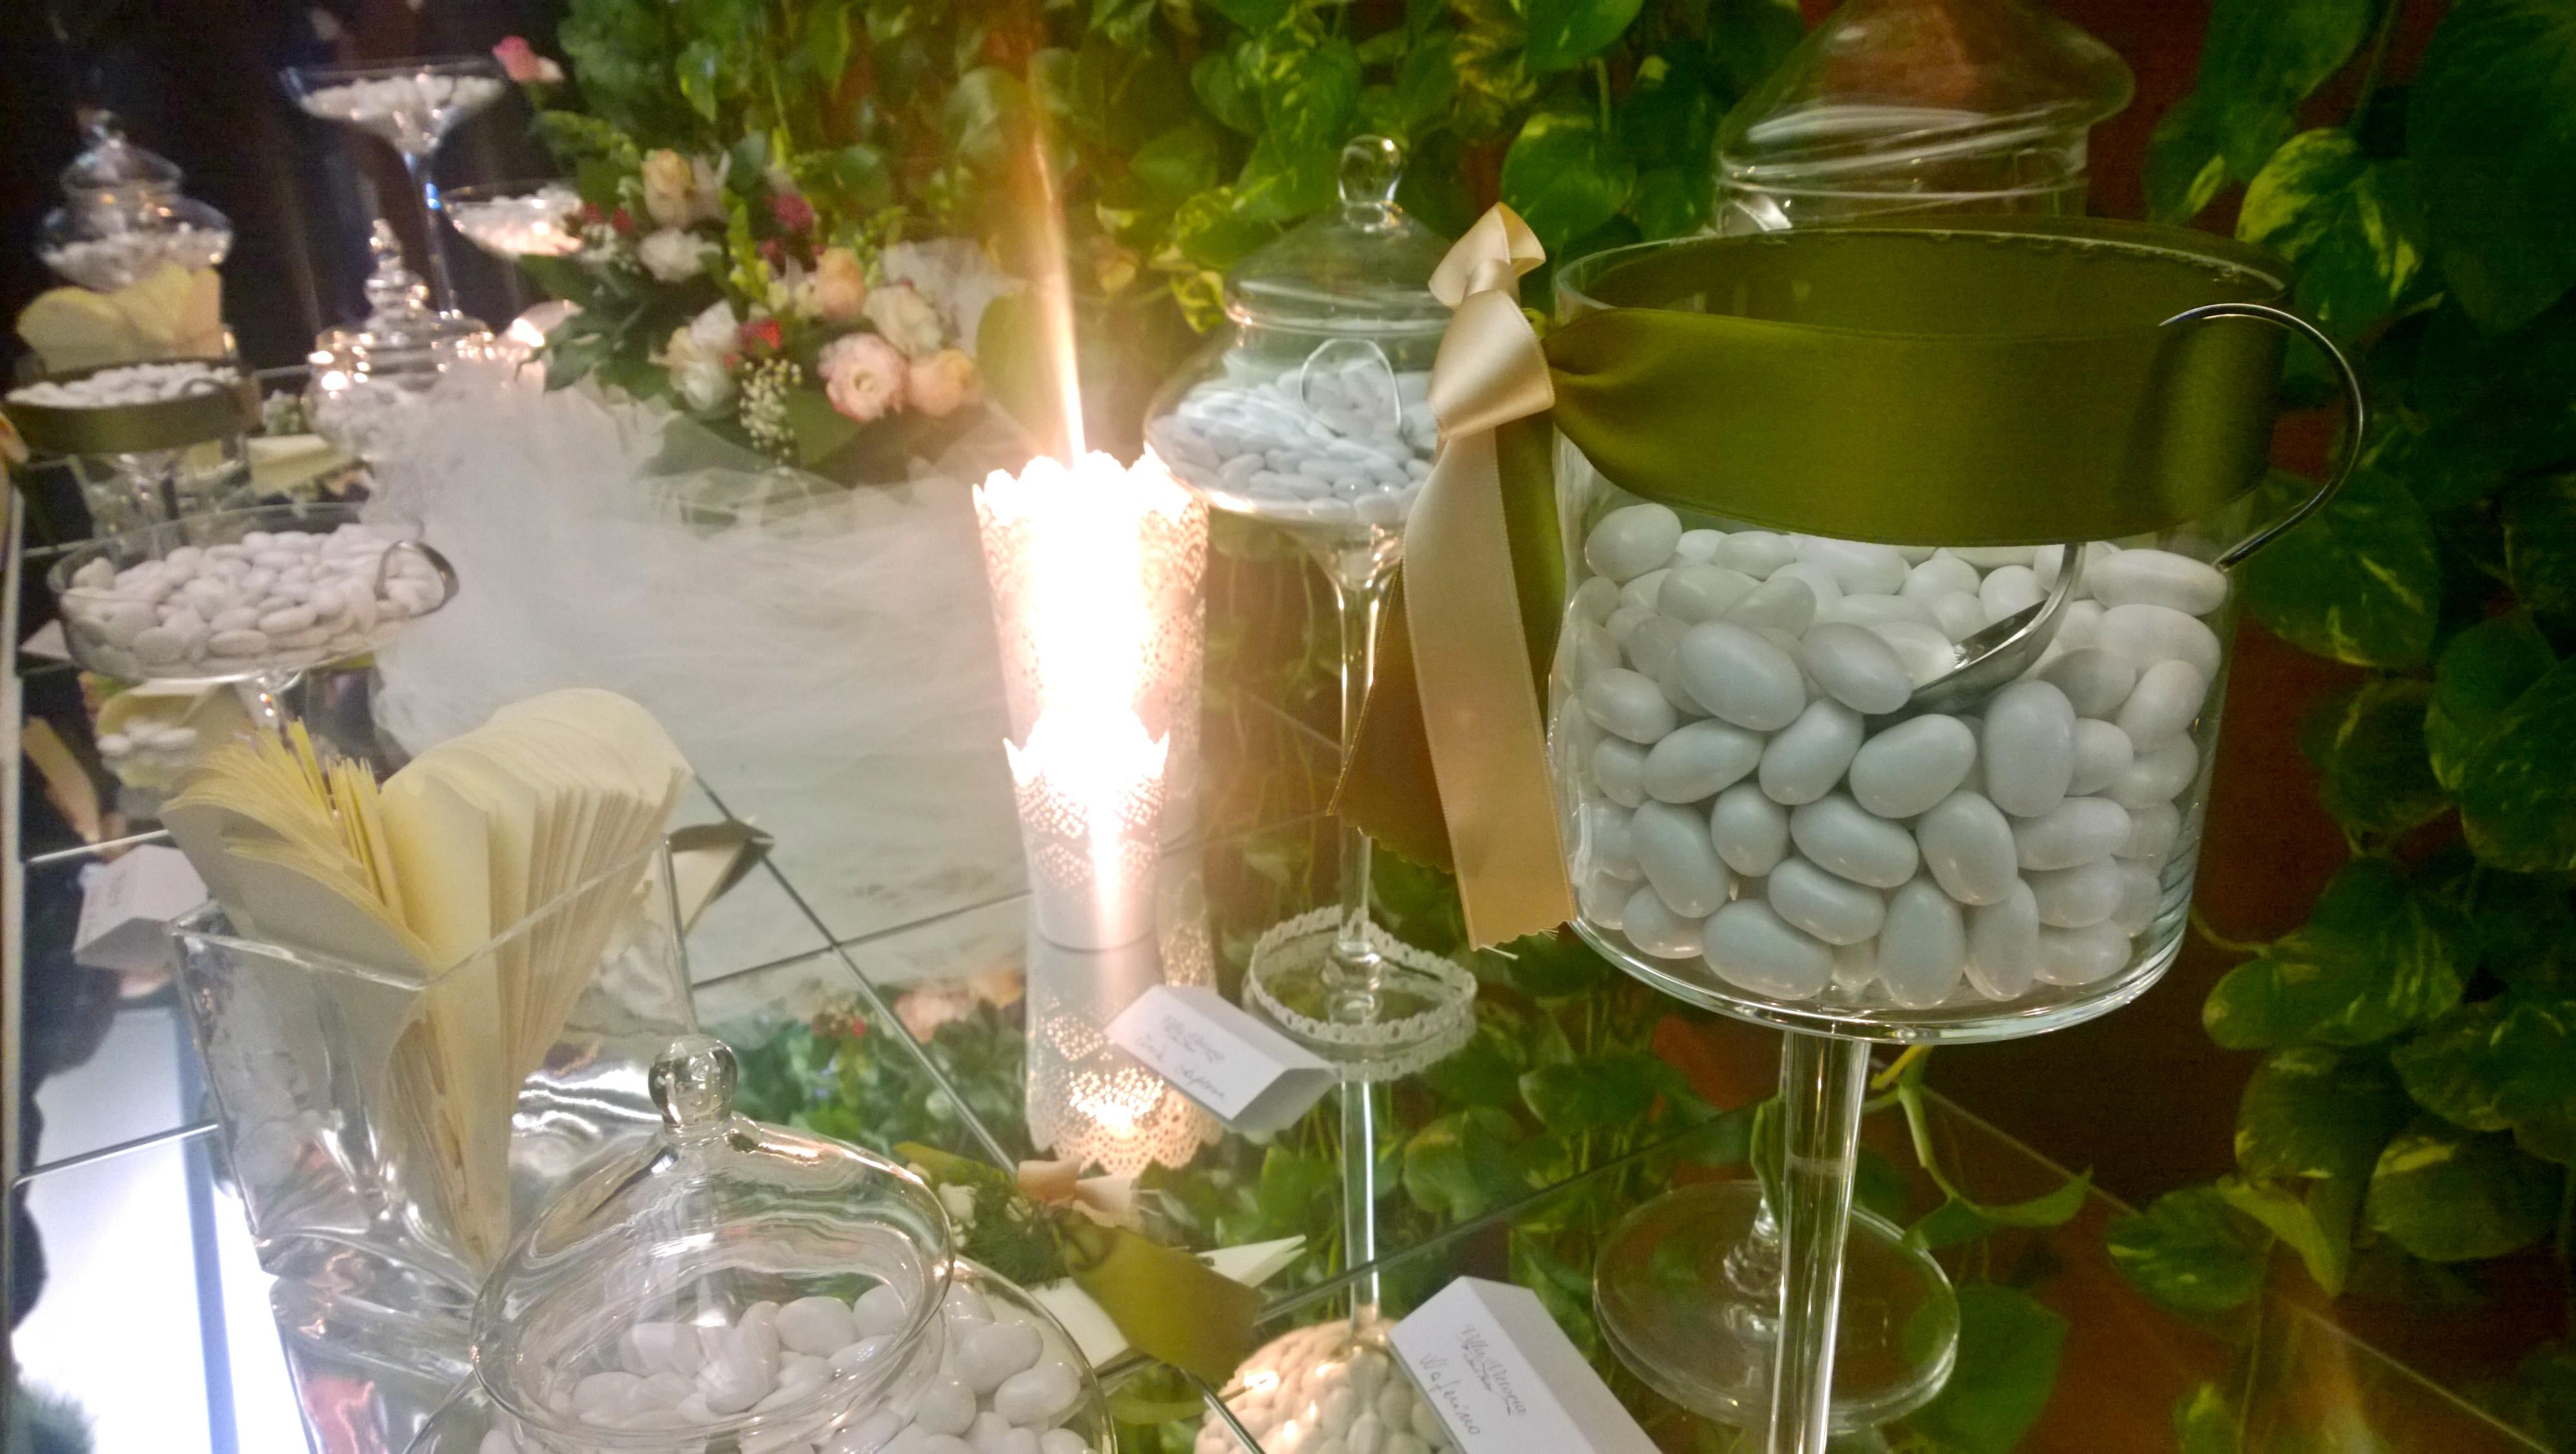 La confettata del matrimonio: consigli e idee per stupire i tuoi ospiti con dolcezza